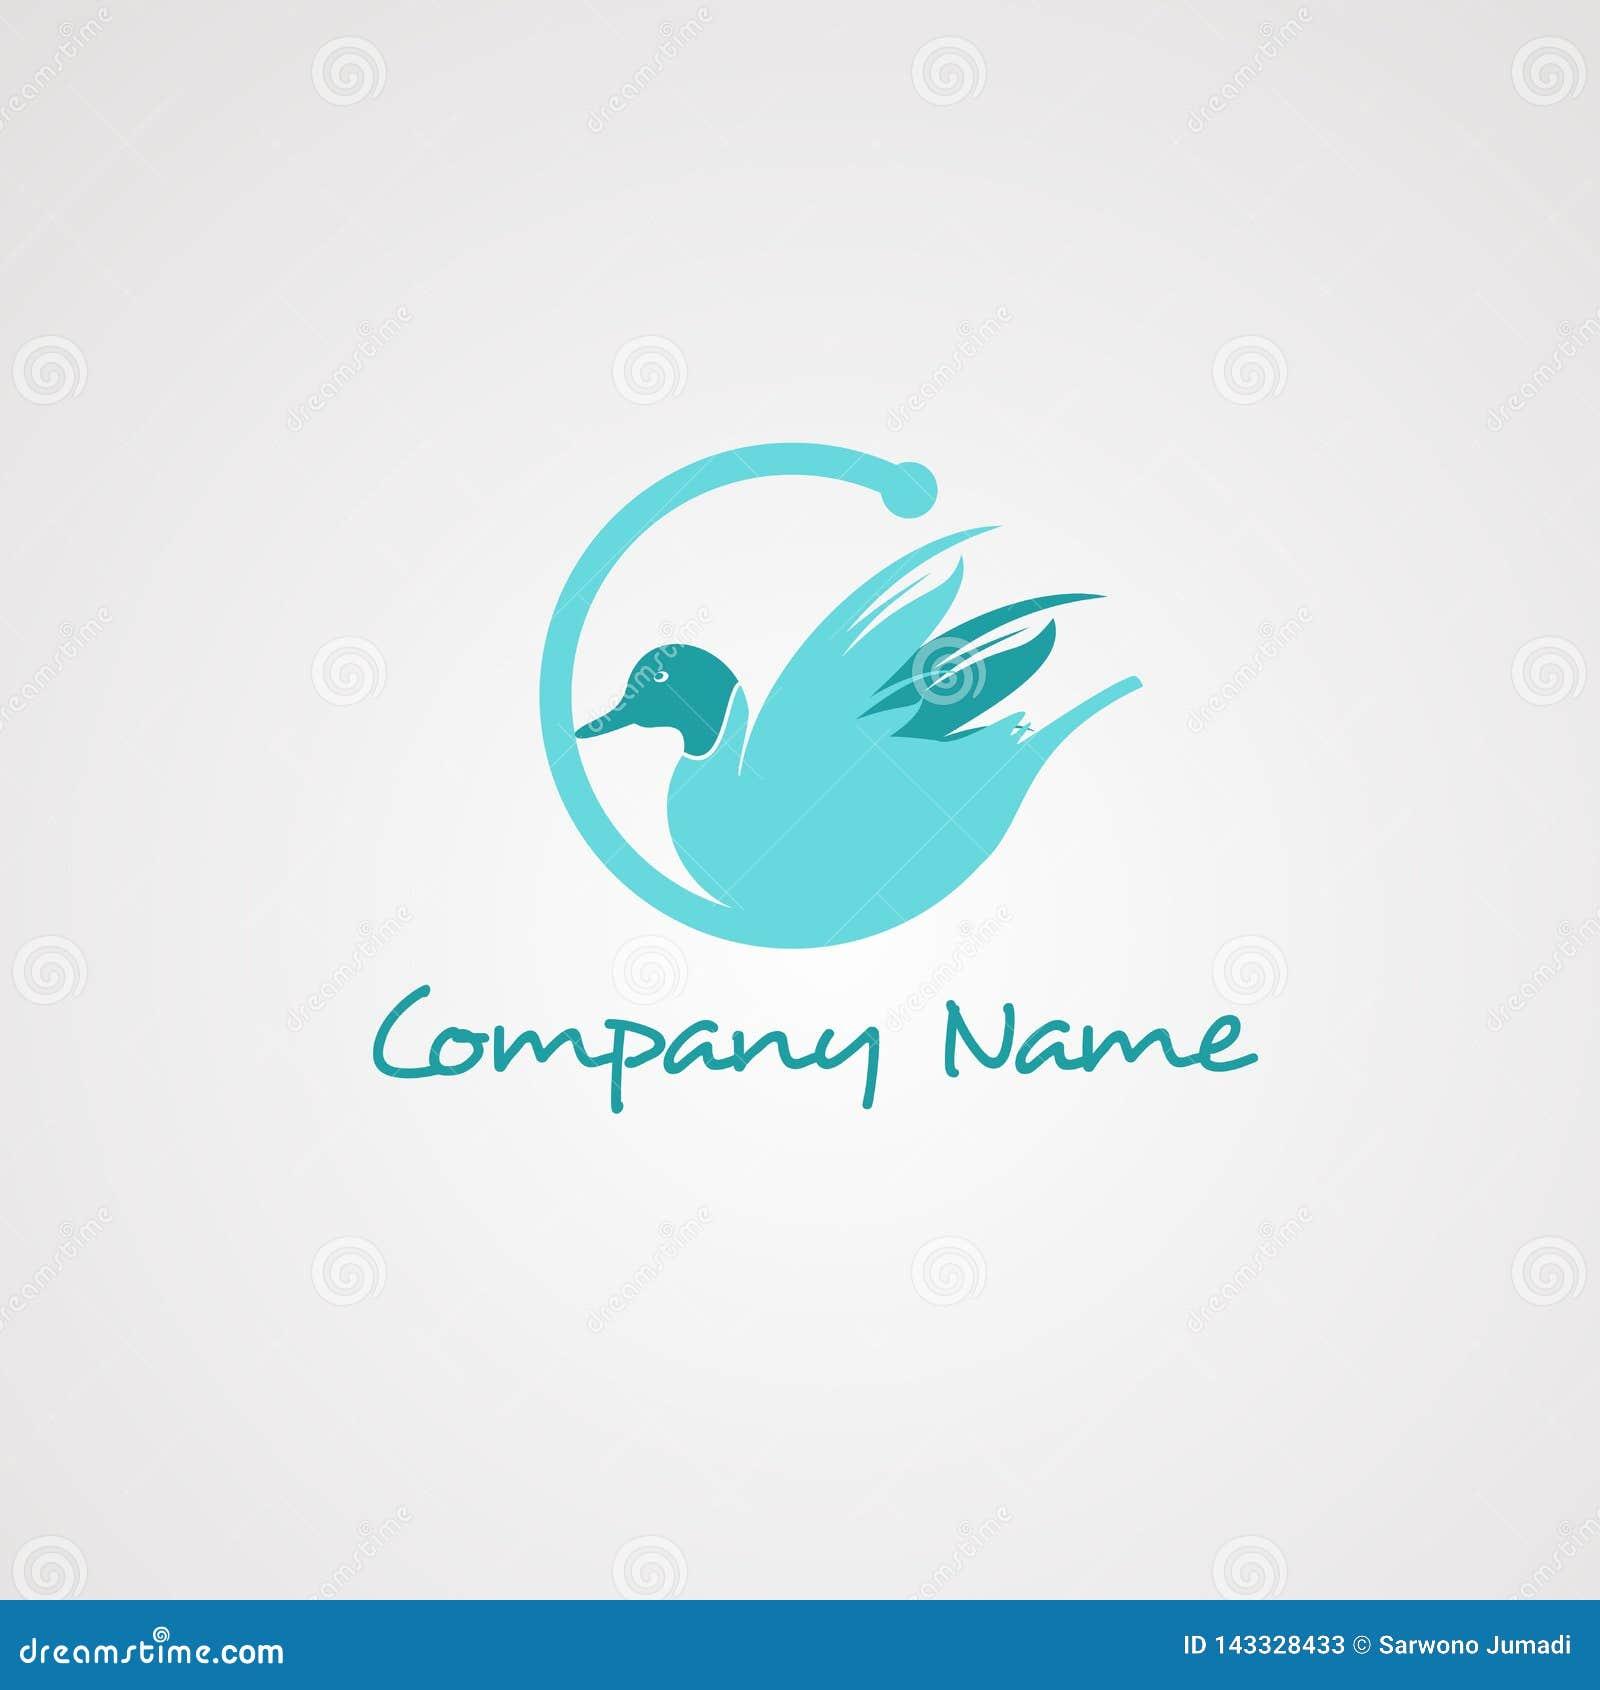 Vector, icono, elemento, y plantilla del logotipo del ganso para la compañía